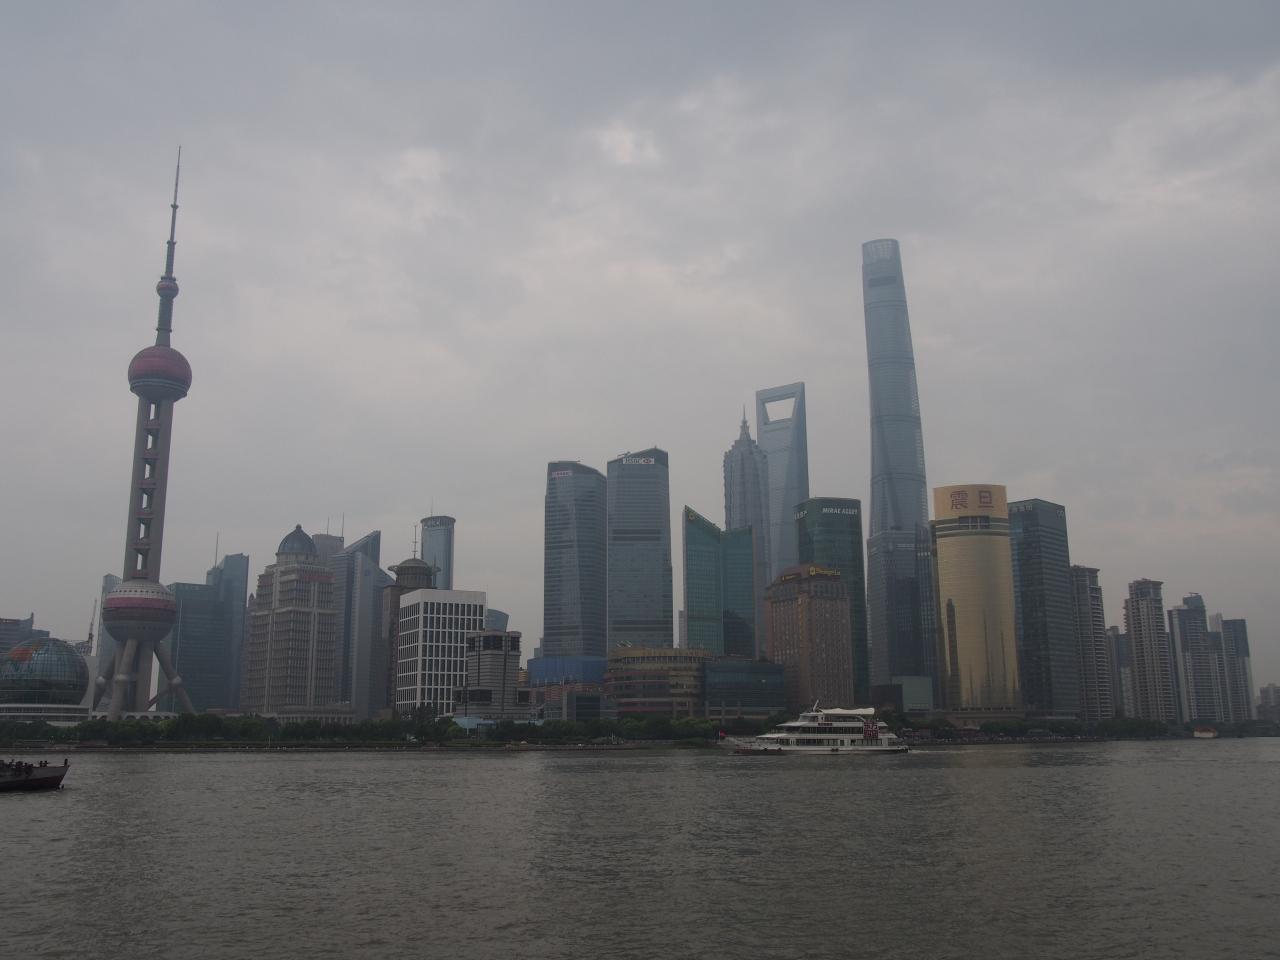 2017 夏休み 上海ディズニーランドと市内観光 3』上海(中国)の旅行記